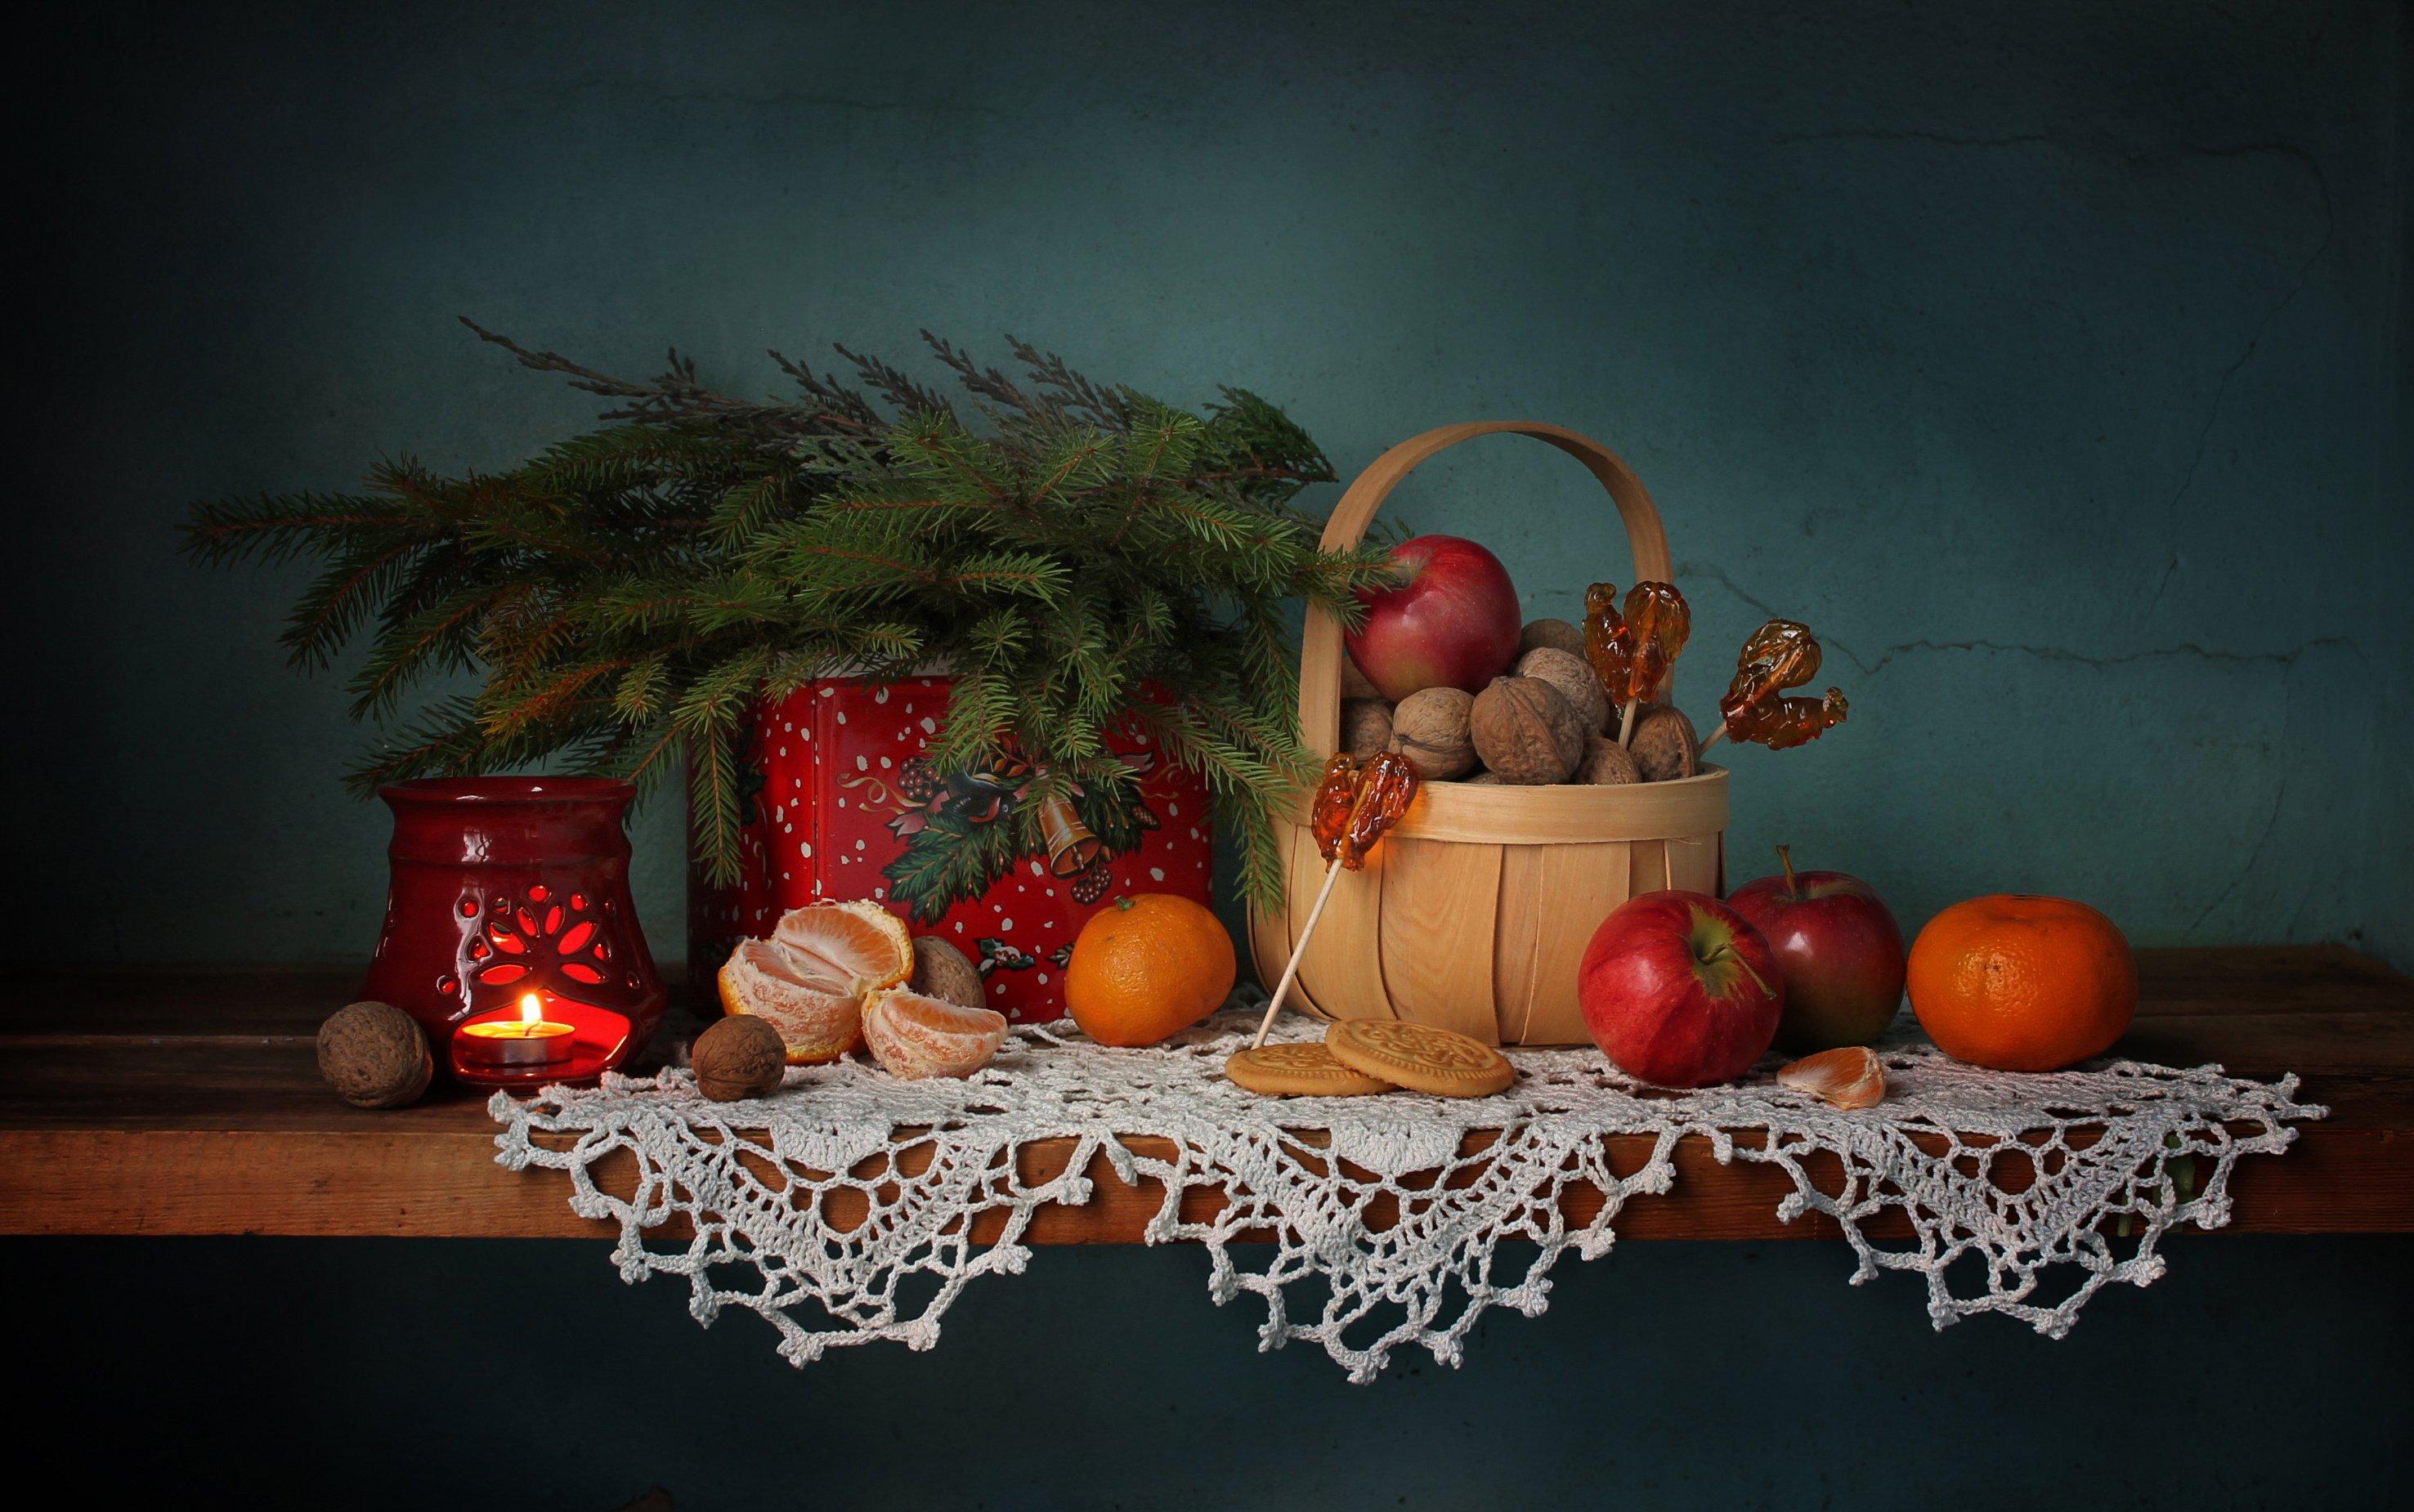 натюрморт,  новый год, елка, леденцы, мандарины, яблоки, сладости, подсвечник, Ковалева Светлана